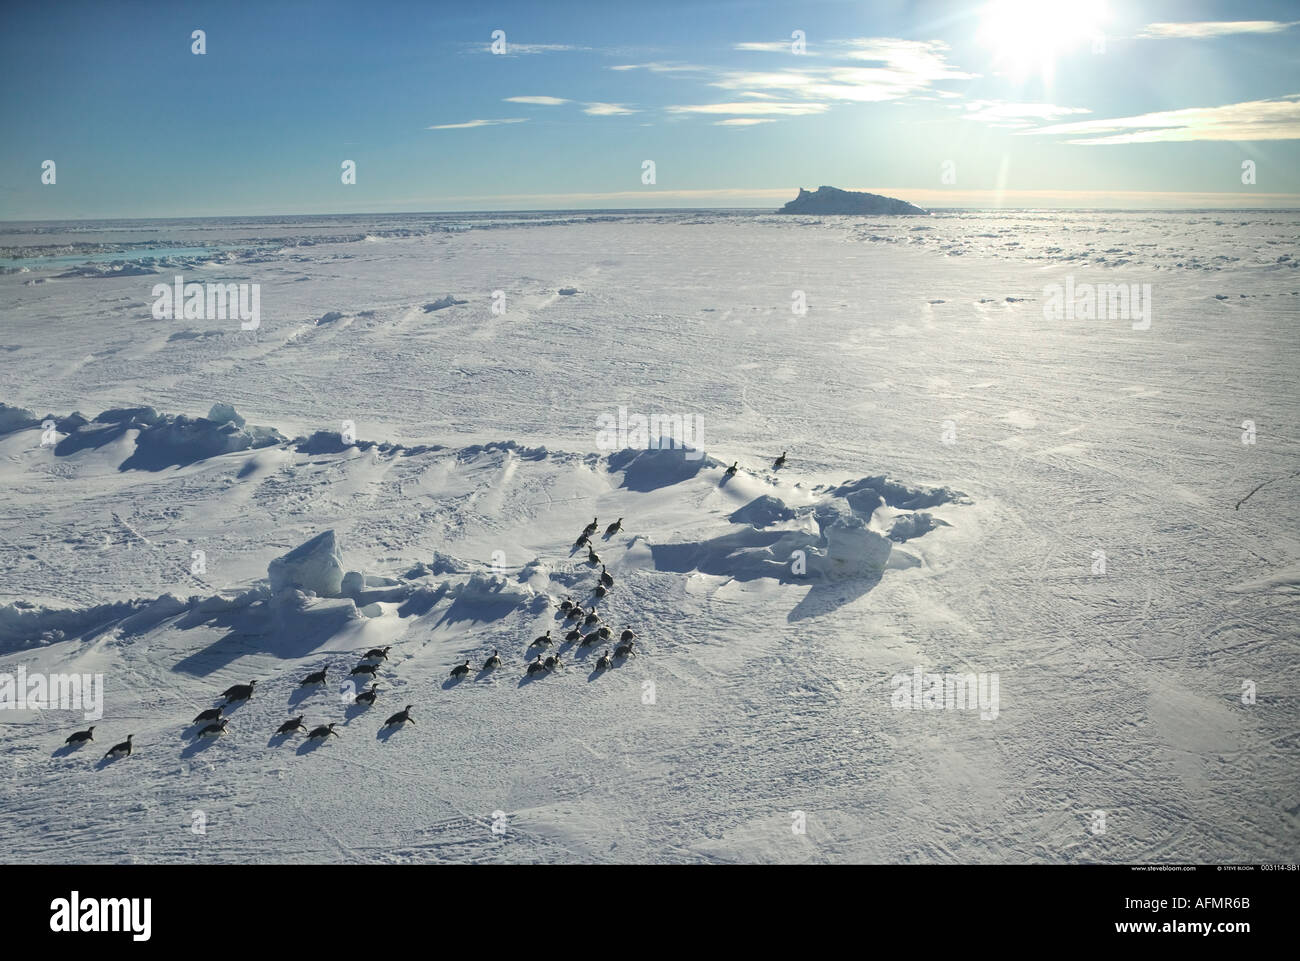 Vista aerea di pinguini imperatore sul loro modo torna alla colonia Cape Washington Antartide Immagini Stock